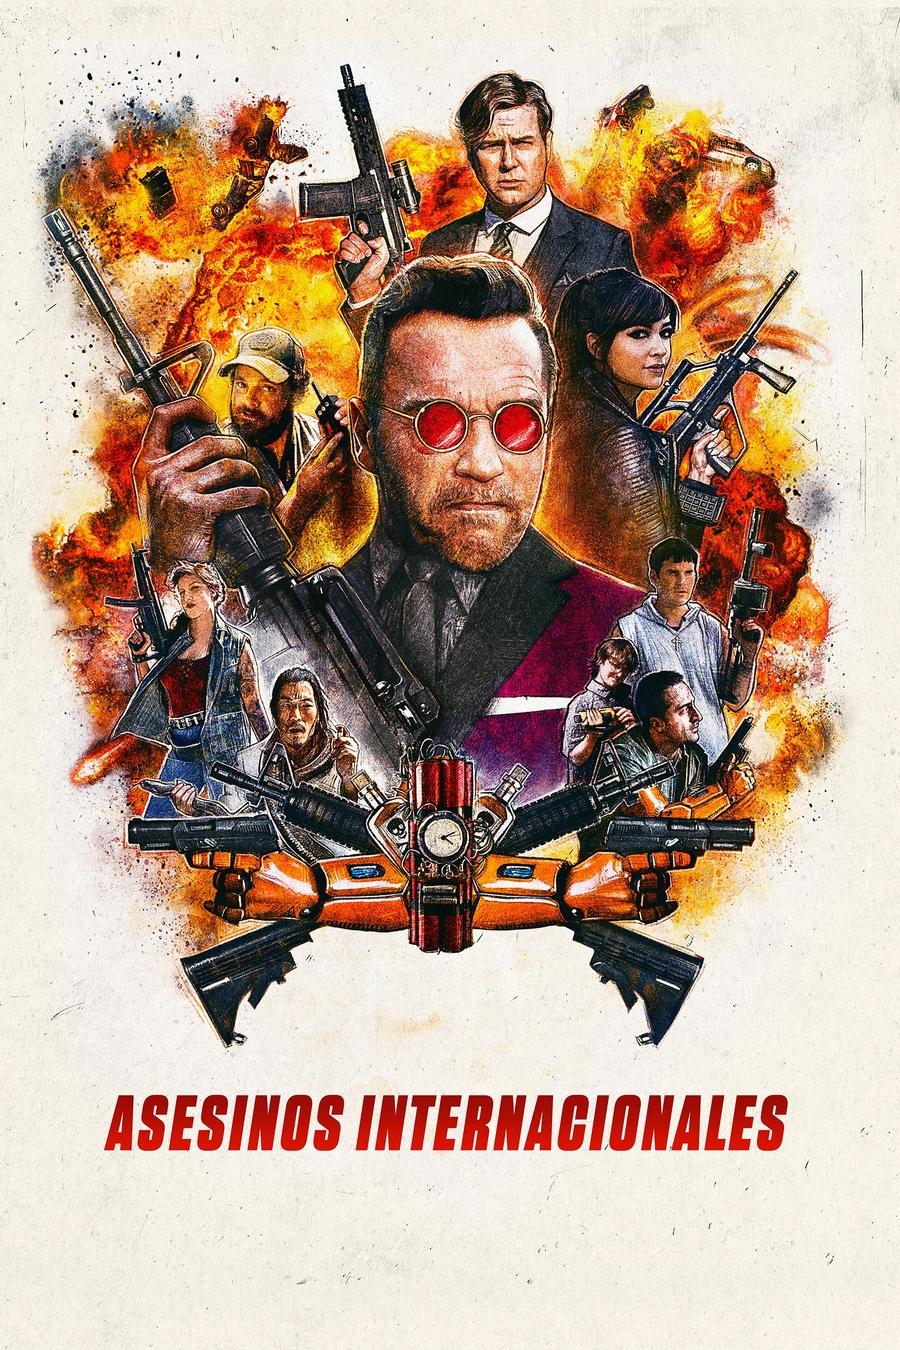 Asesinos internacionales